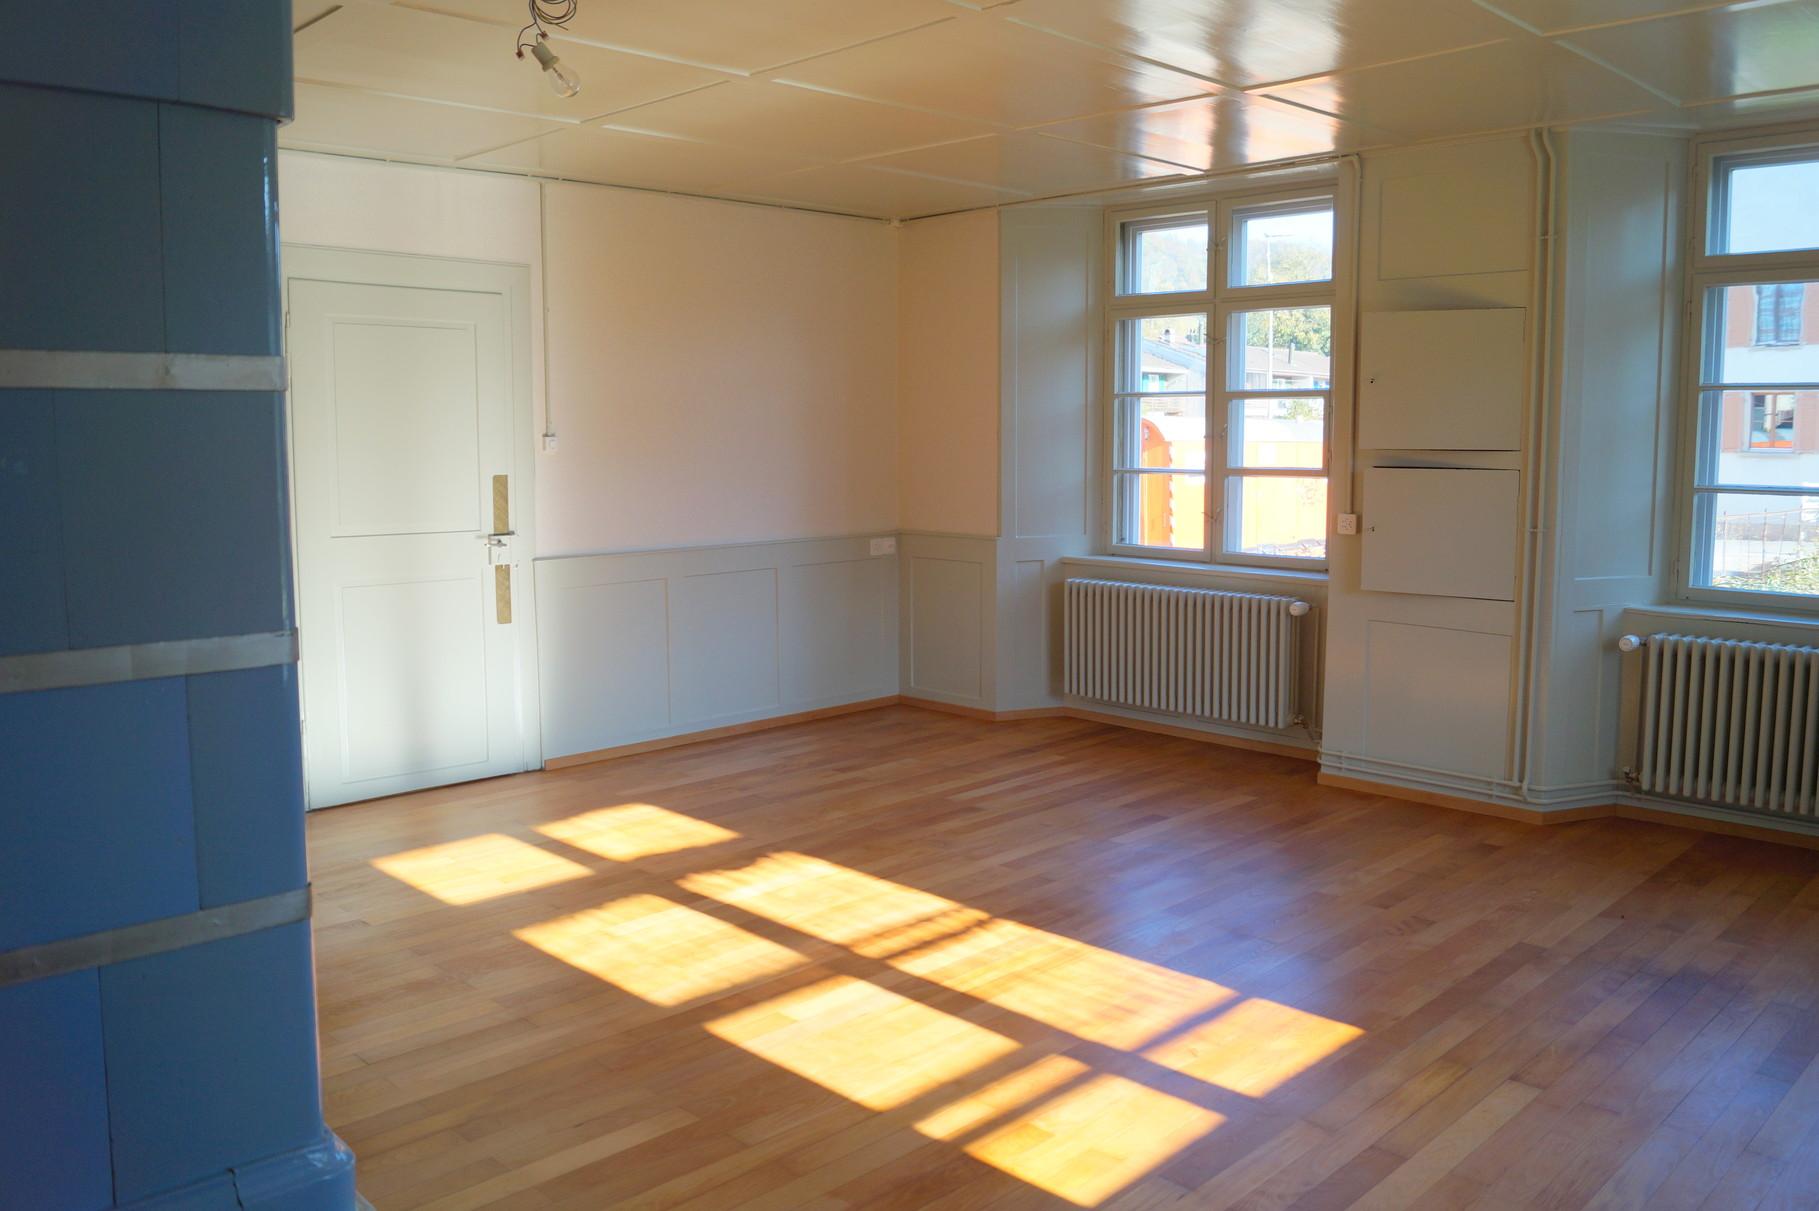 Das Wohnzimmer hat wie alle anderen Zimmer eine neue Tapete erhalten...